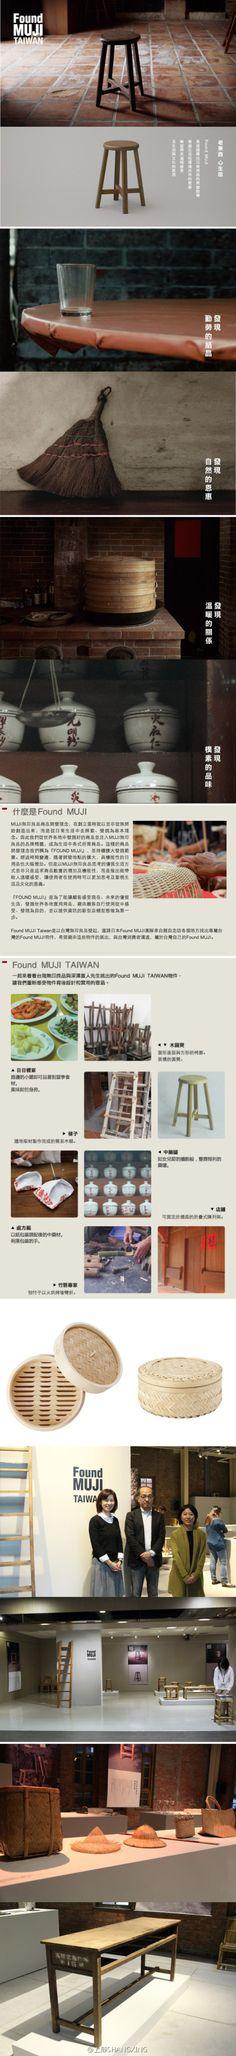 上形SHANGXING的微博|無印良品MUJI「Found MUJI TAIWAN」计划